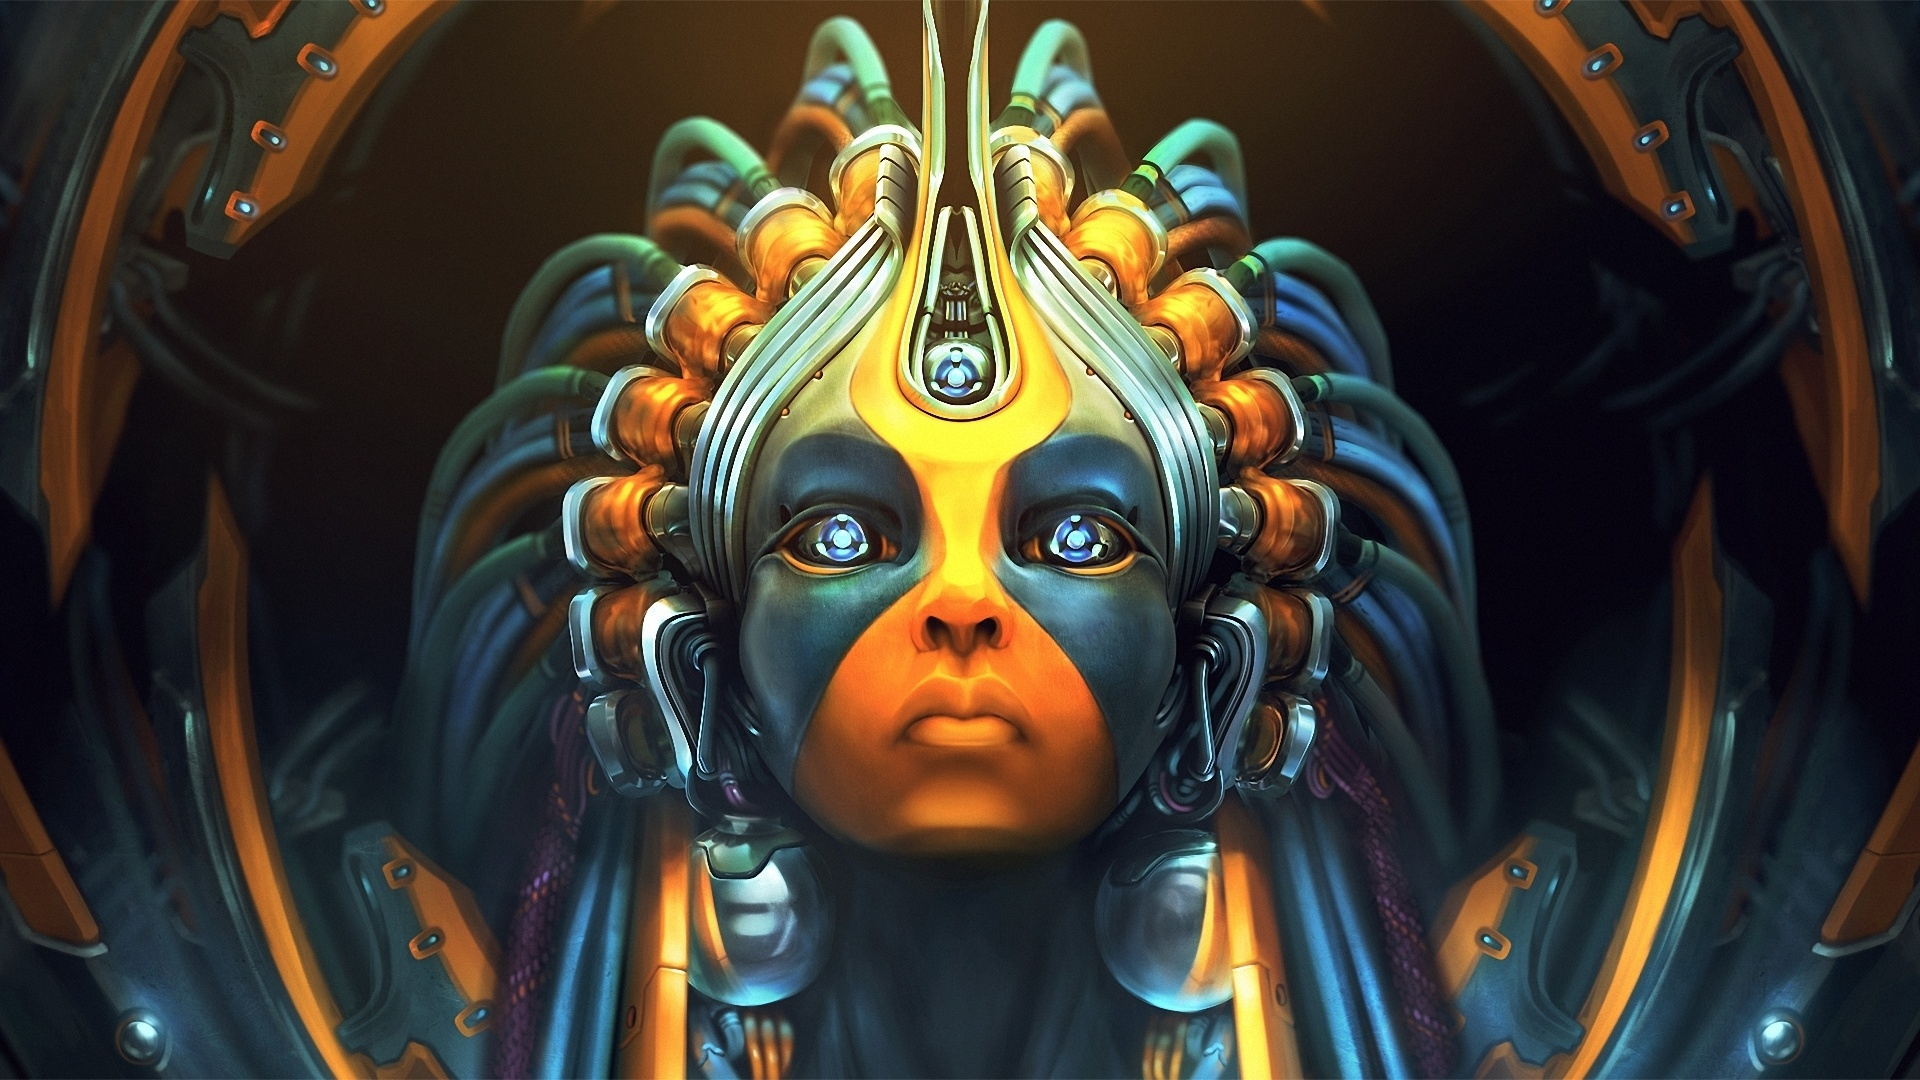 Cyberpunk Mask screen wallpaper